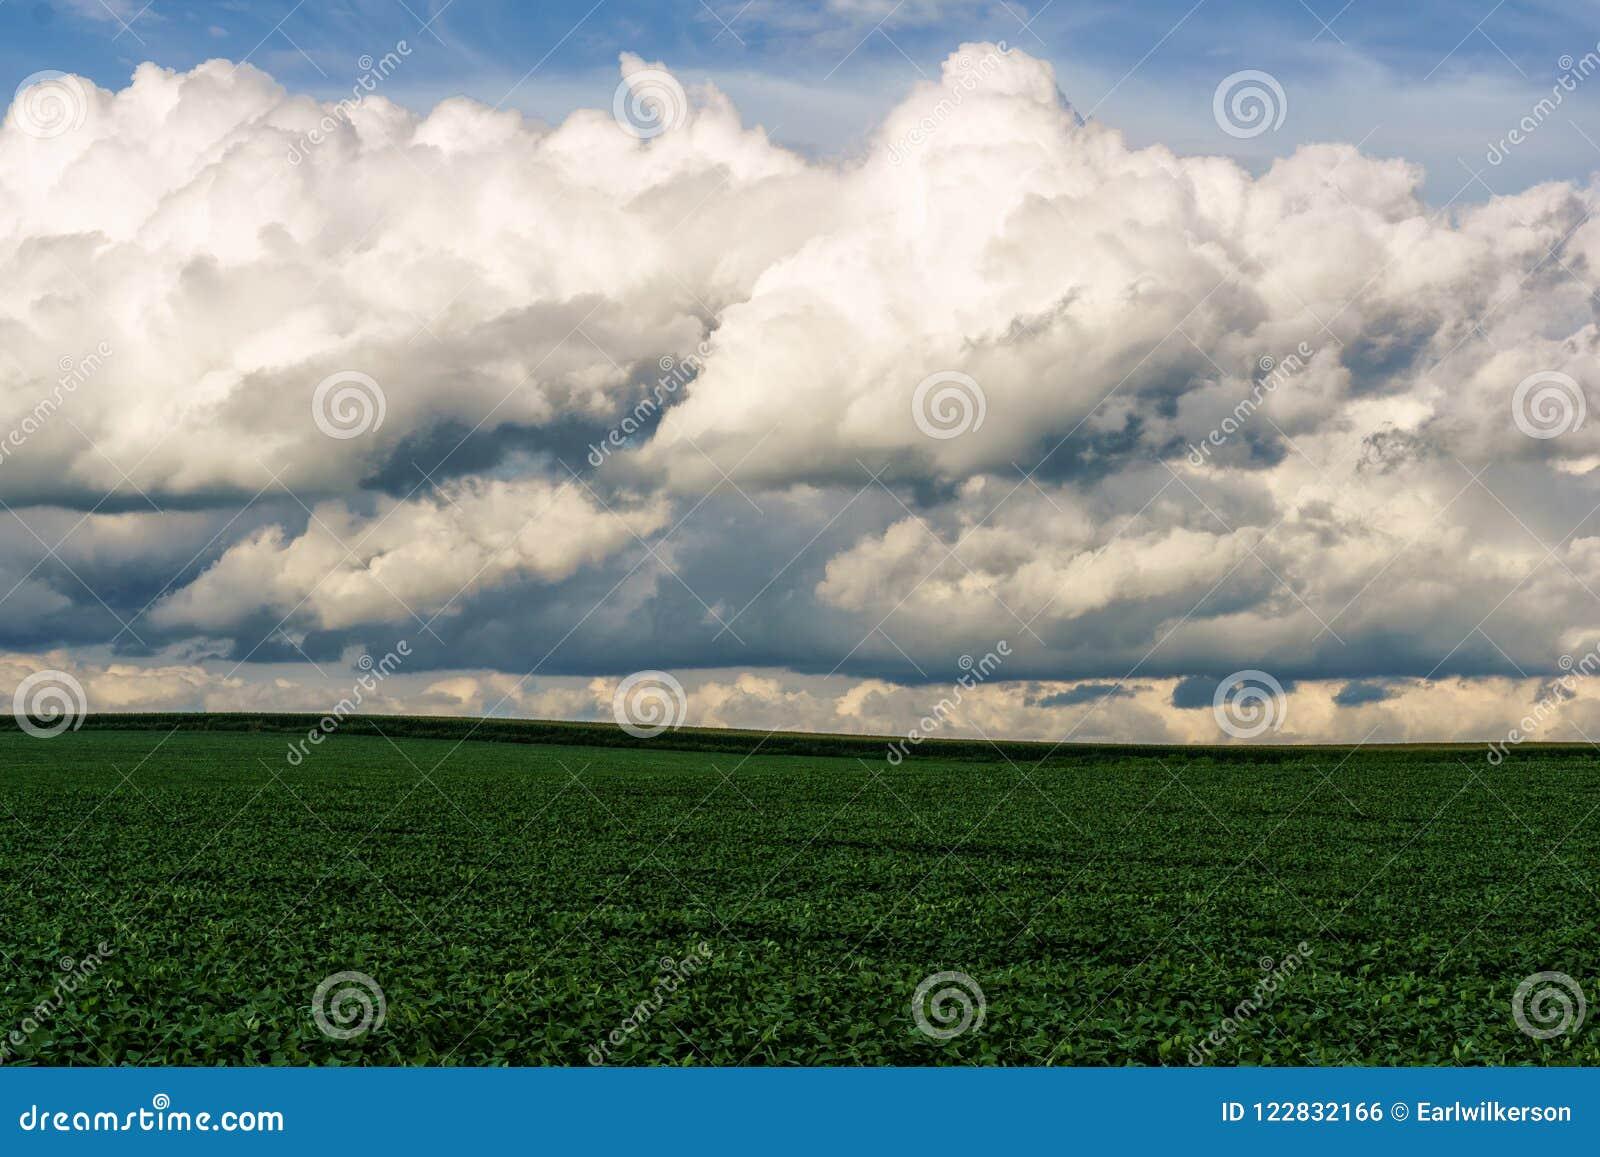 Staczać się Chmurnieje Nad środkowo-zachodni polem